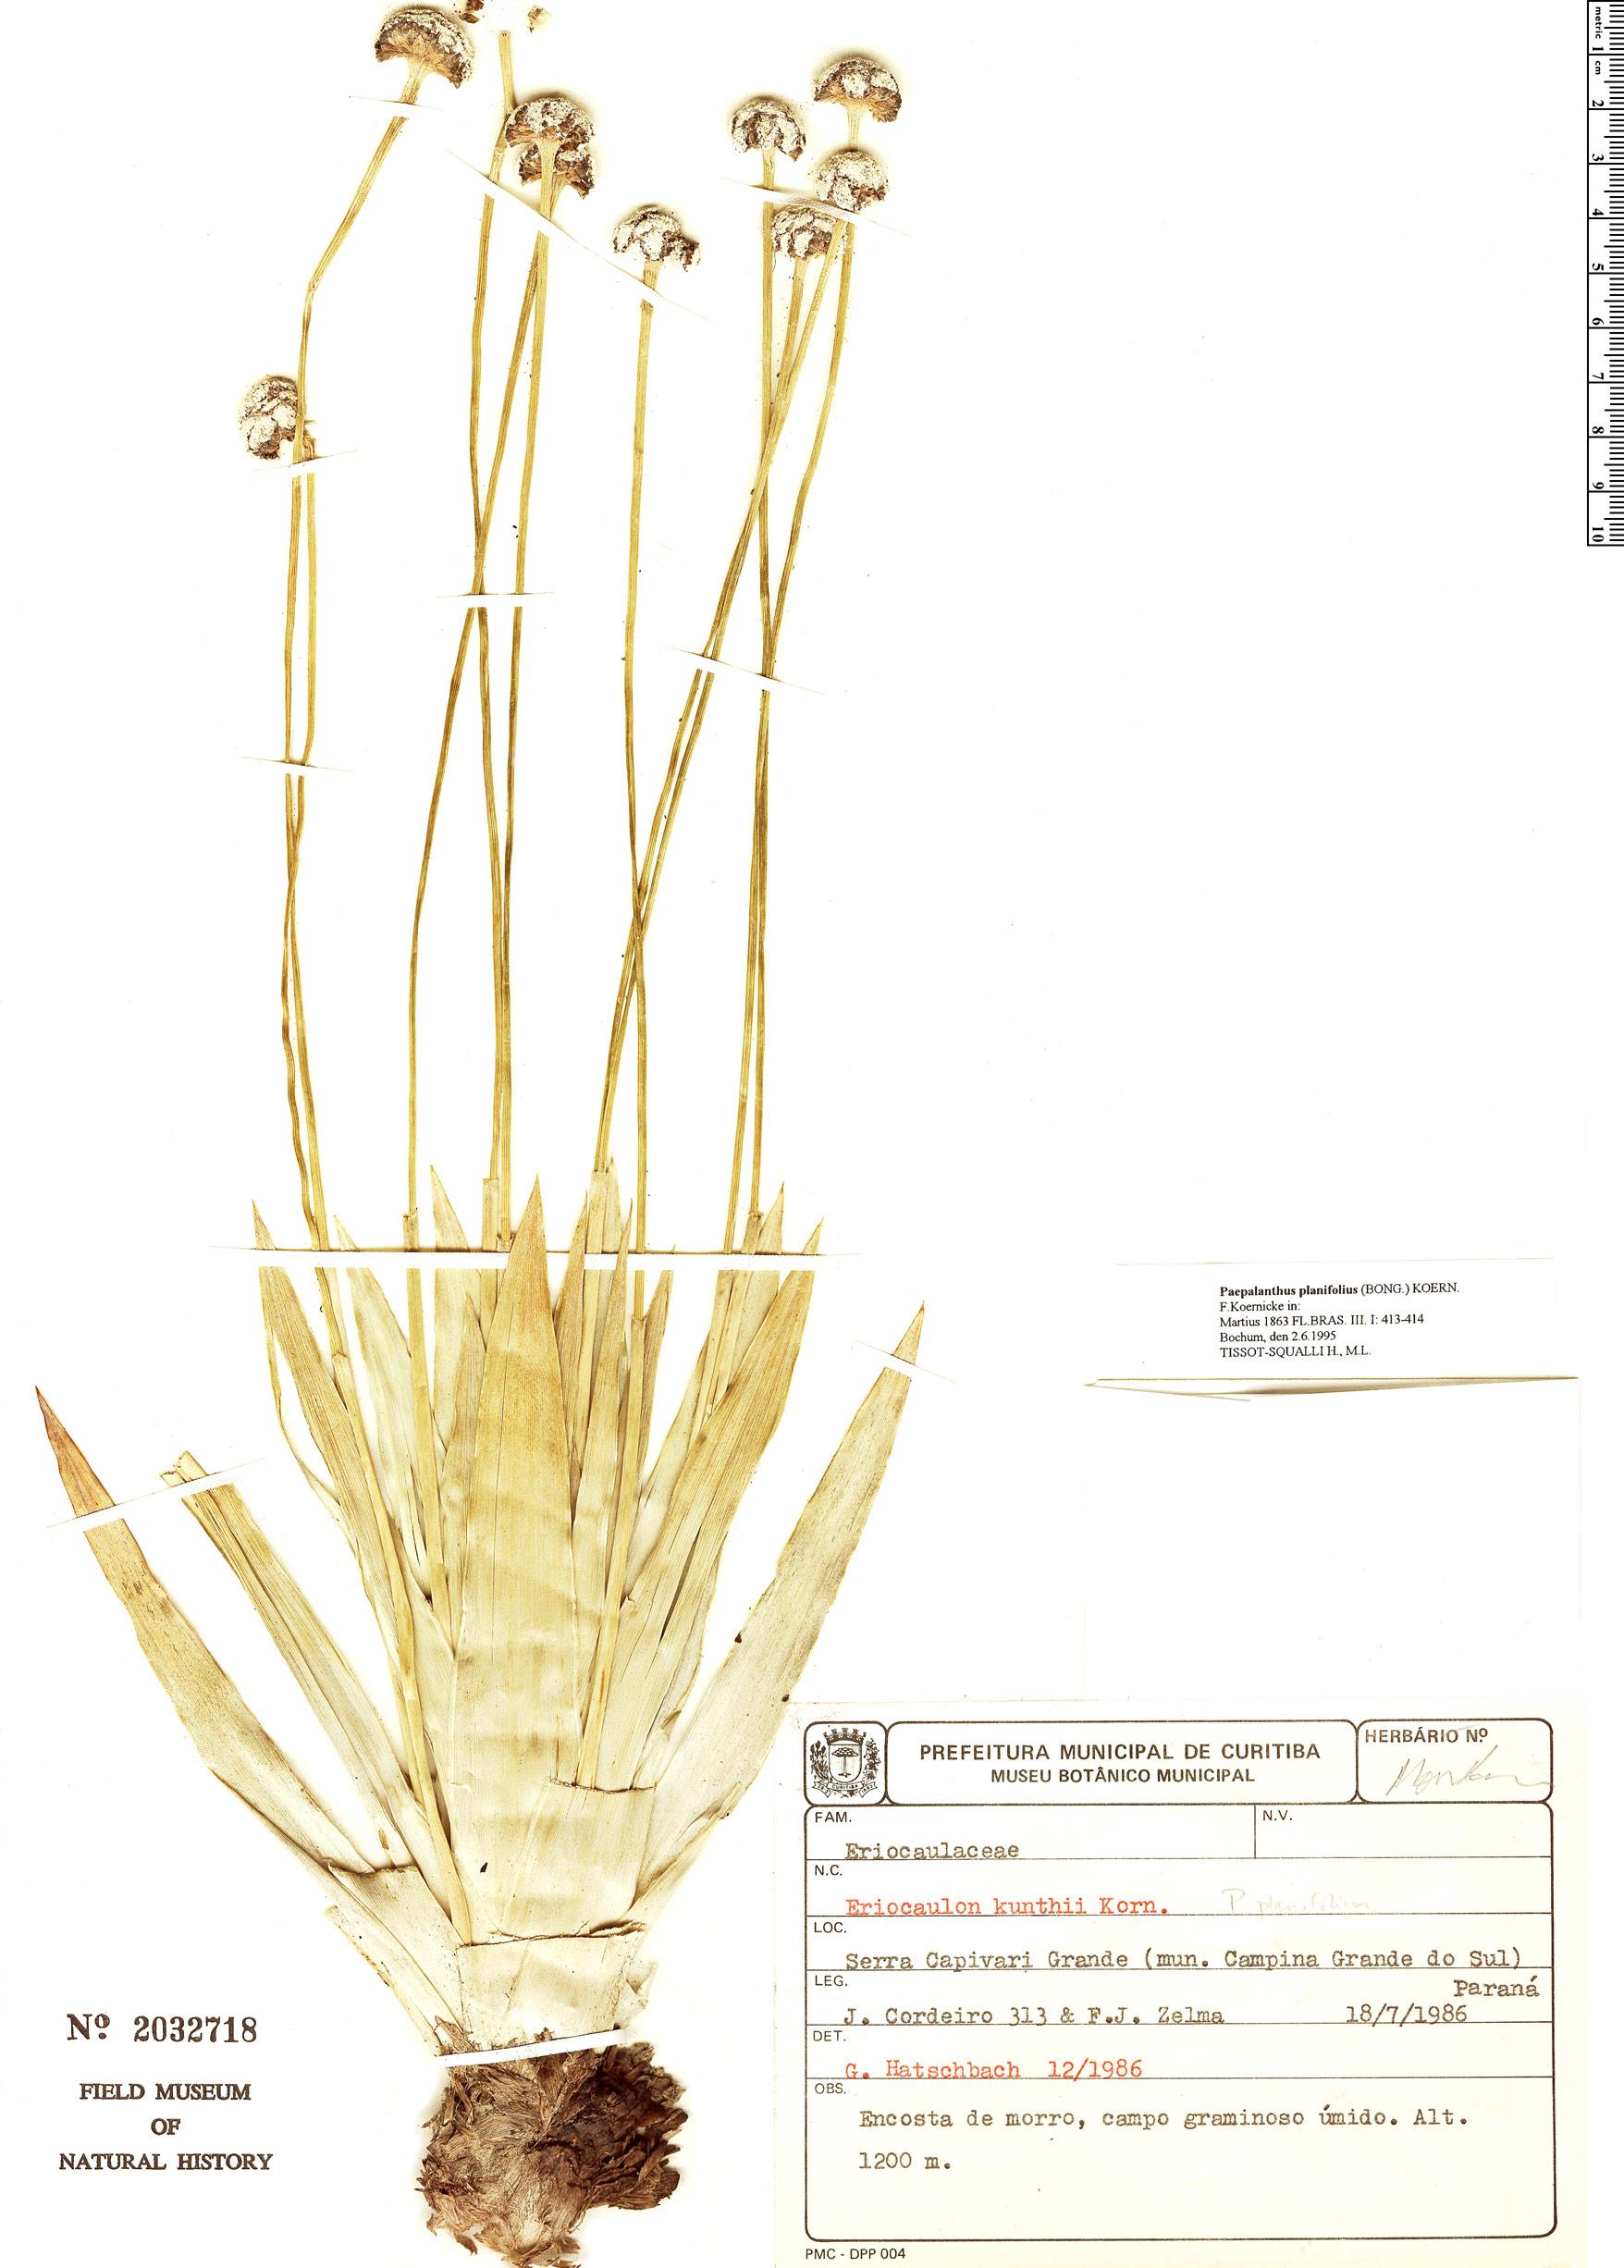 Specimen: Paepalanthus planifolius